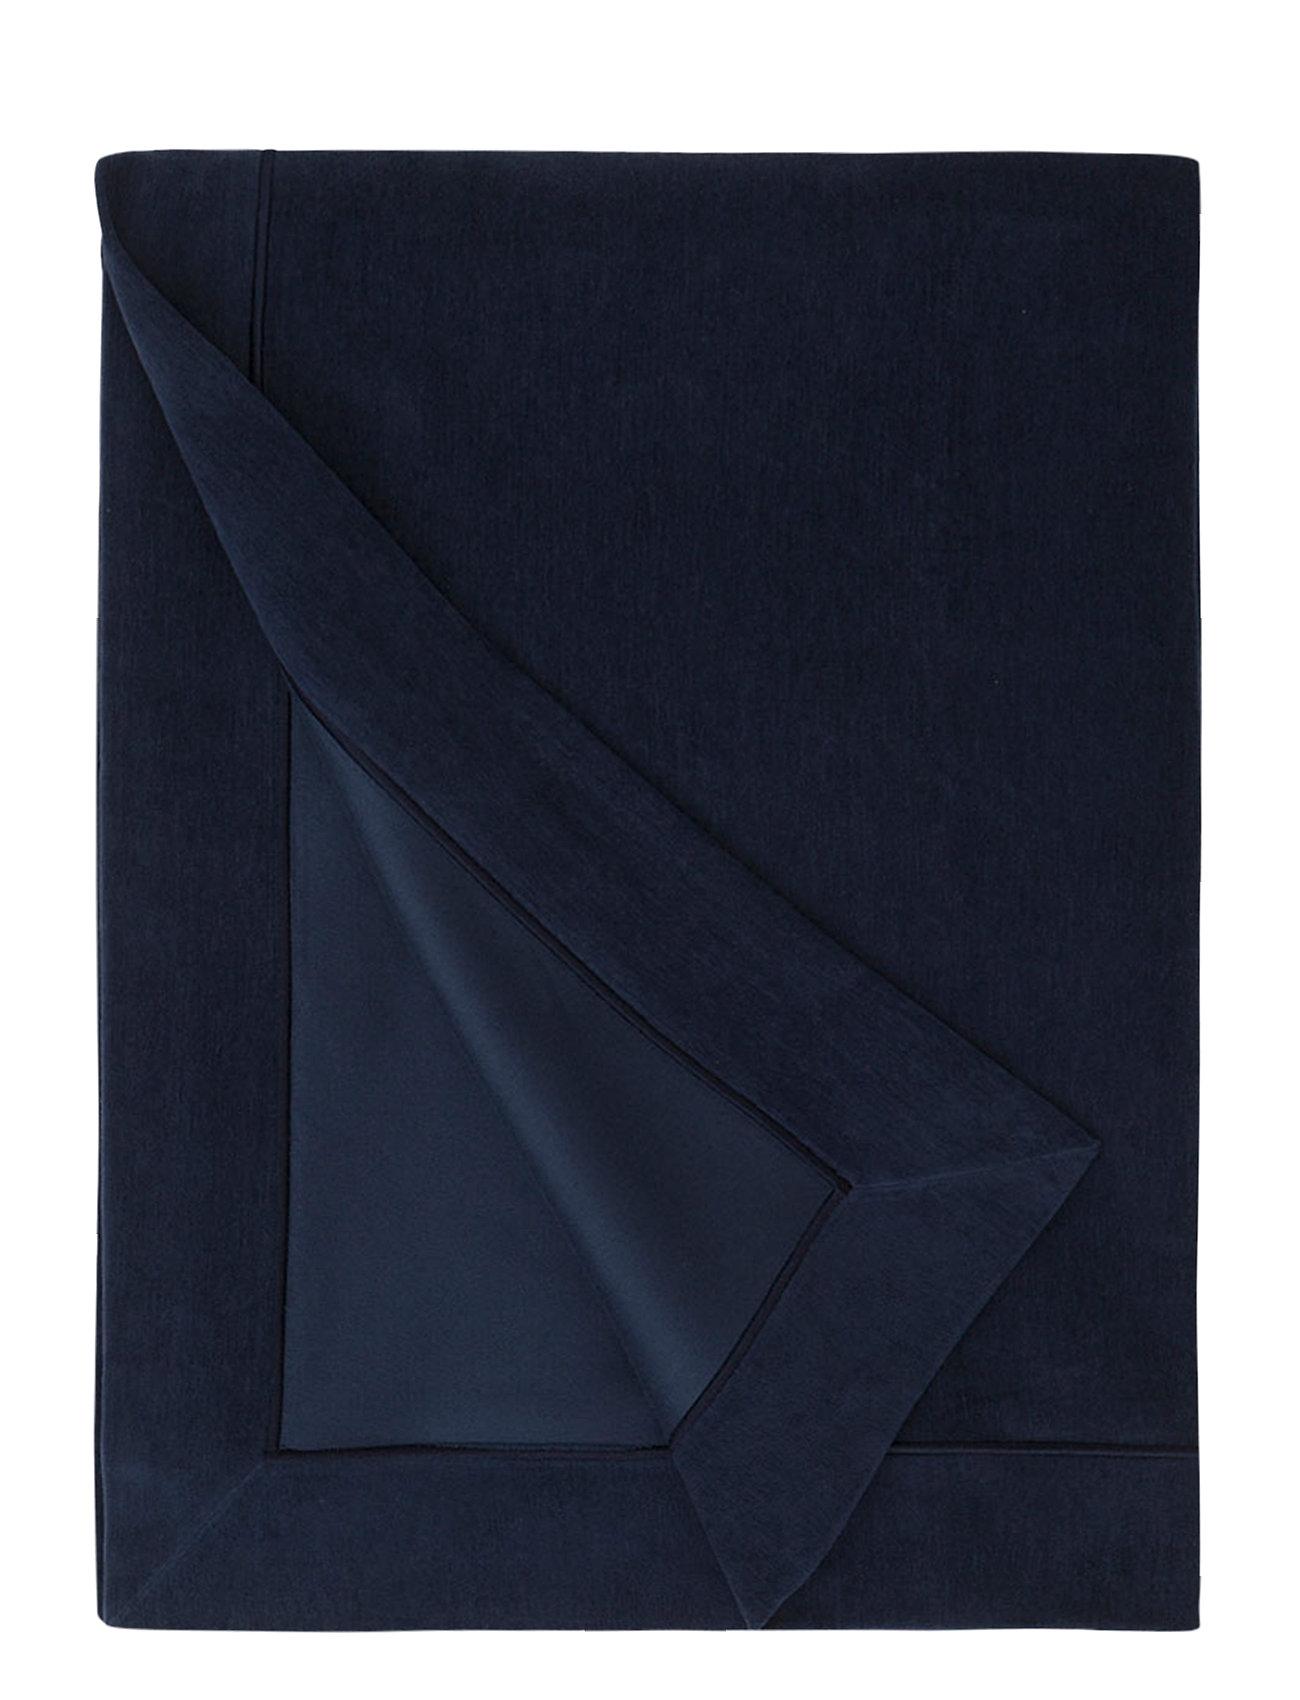 Lexington Home Hotel Velvet Bedspread - DK. BLUE